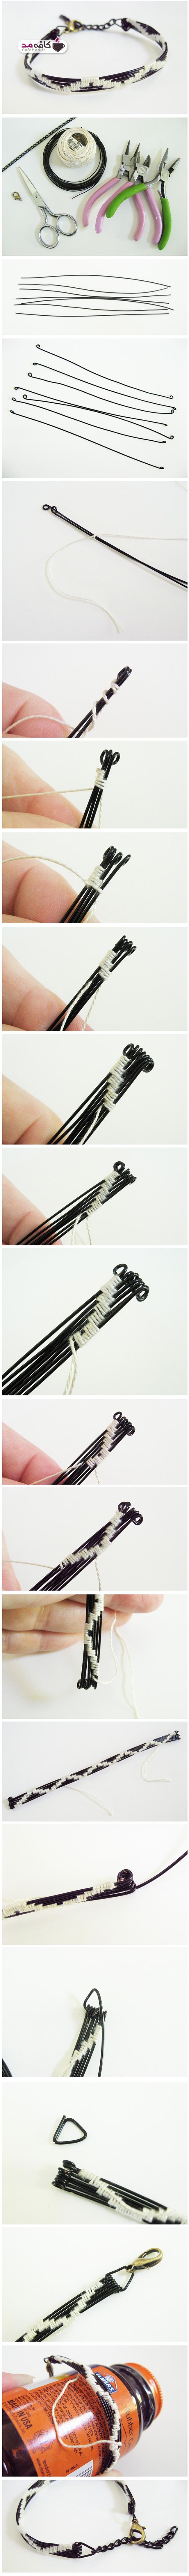 آموزش تصویری ساخت دستبند با سیم